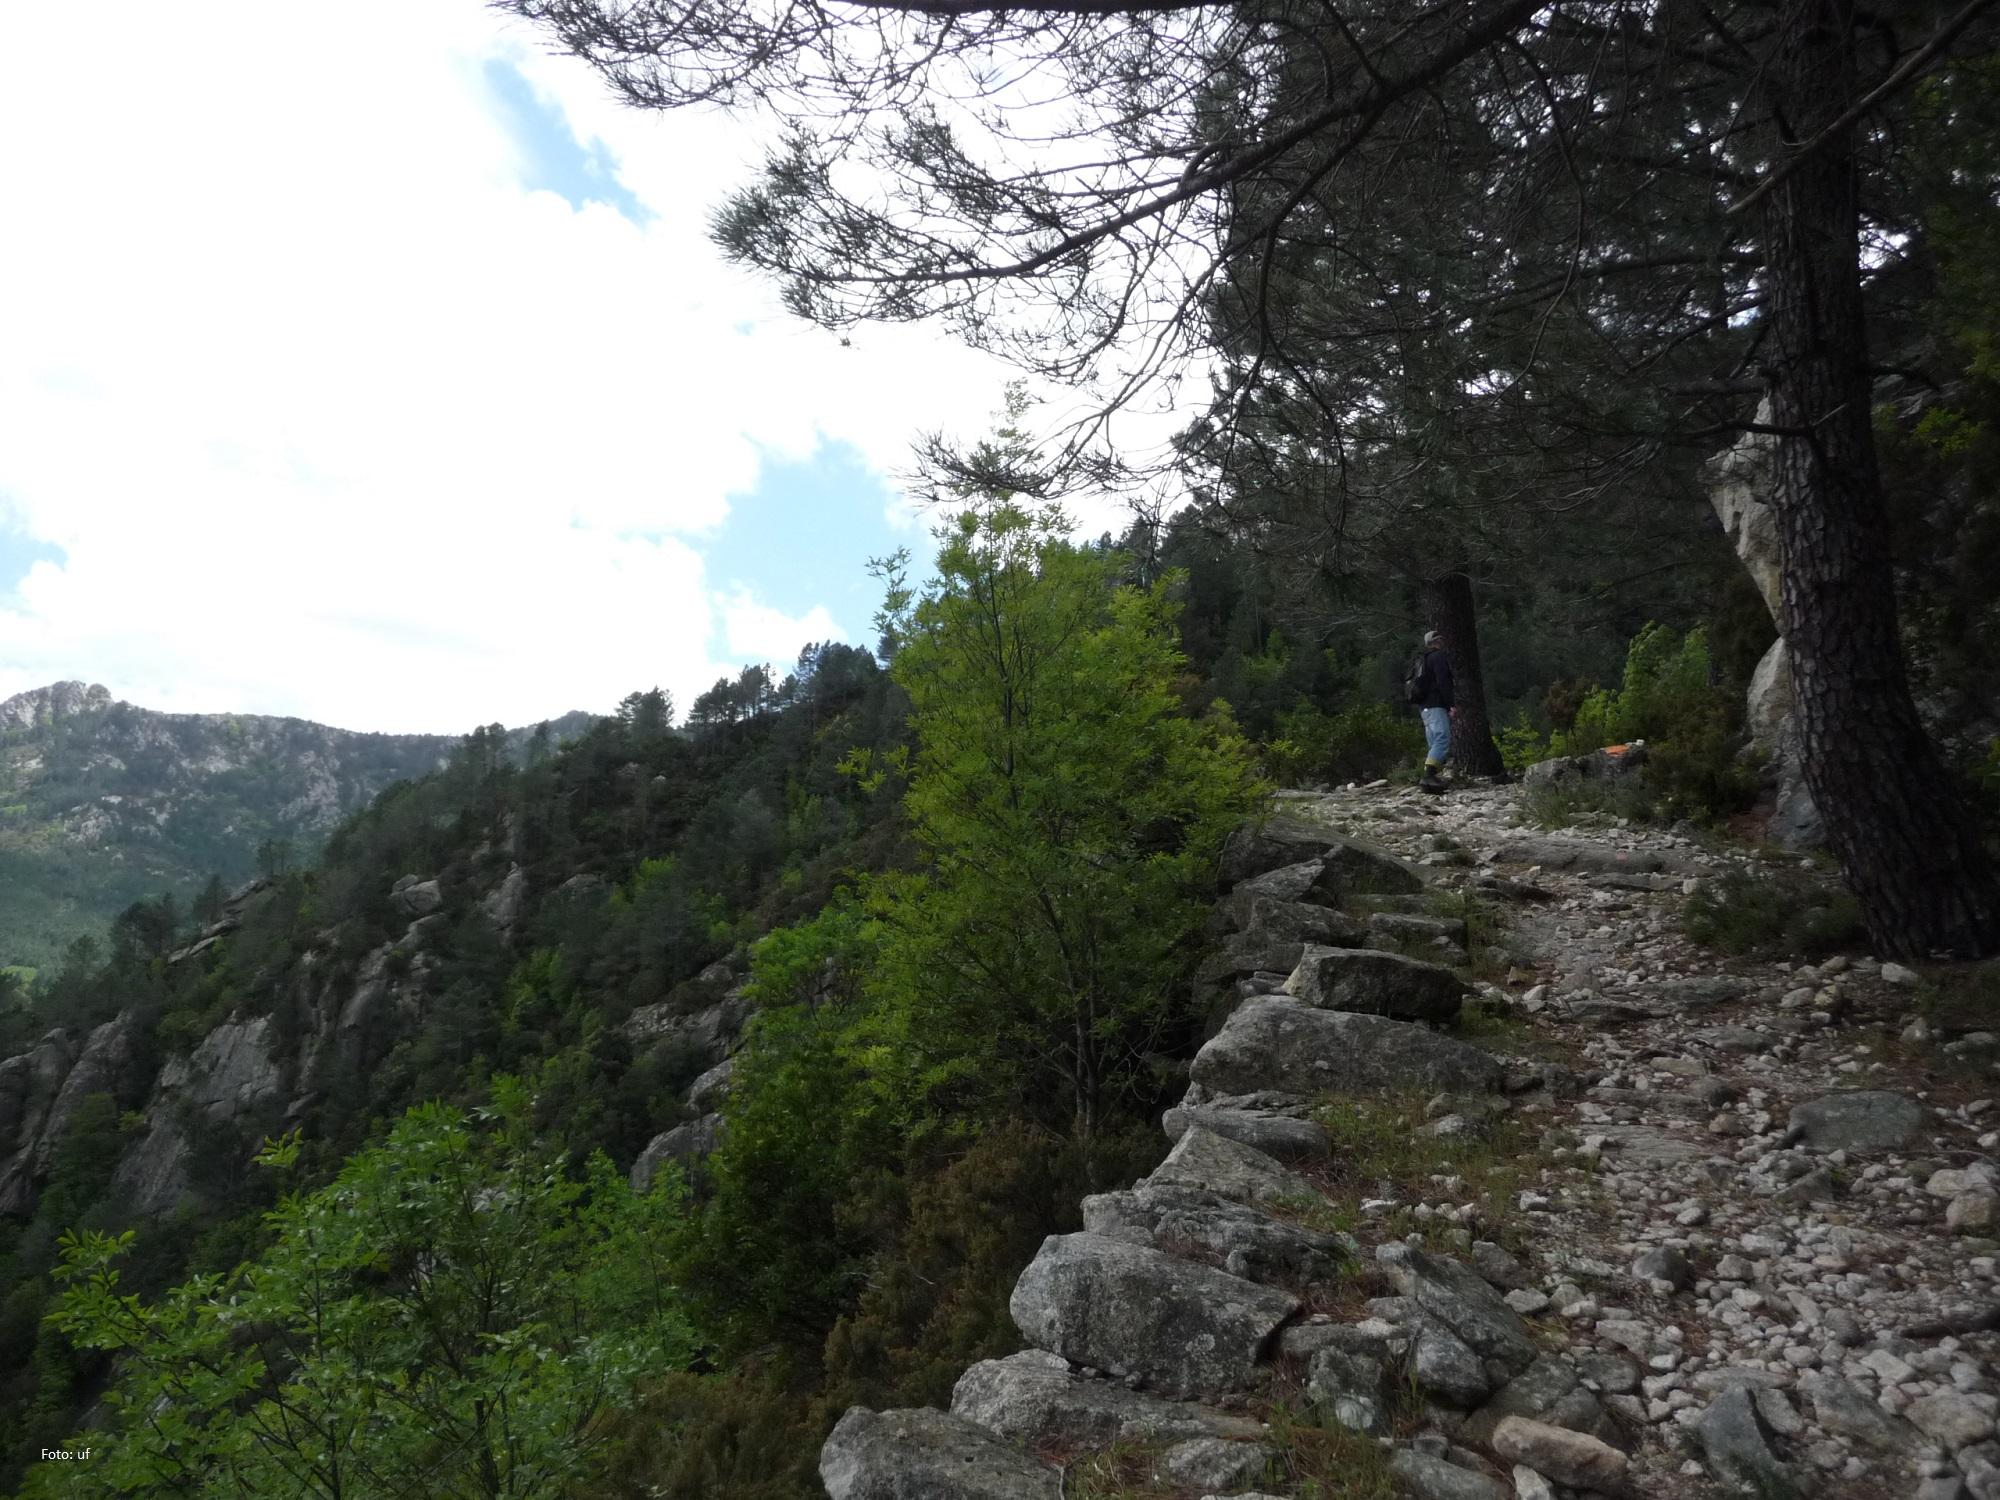 Korsika ist prädestiniert für Wanderungen